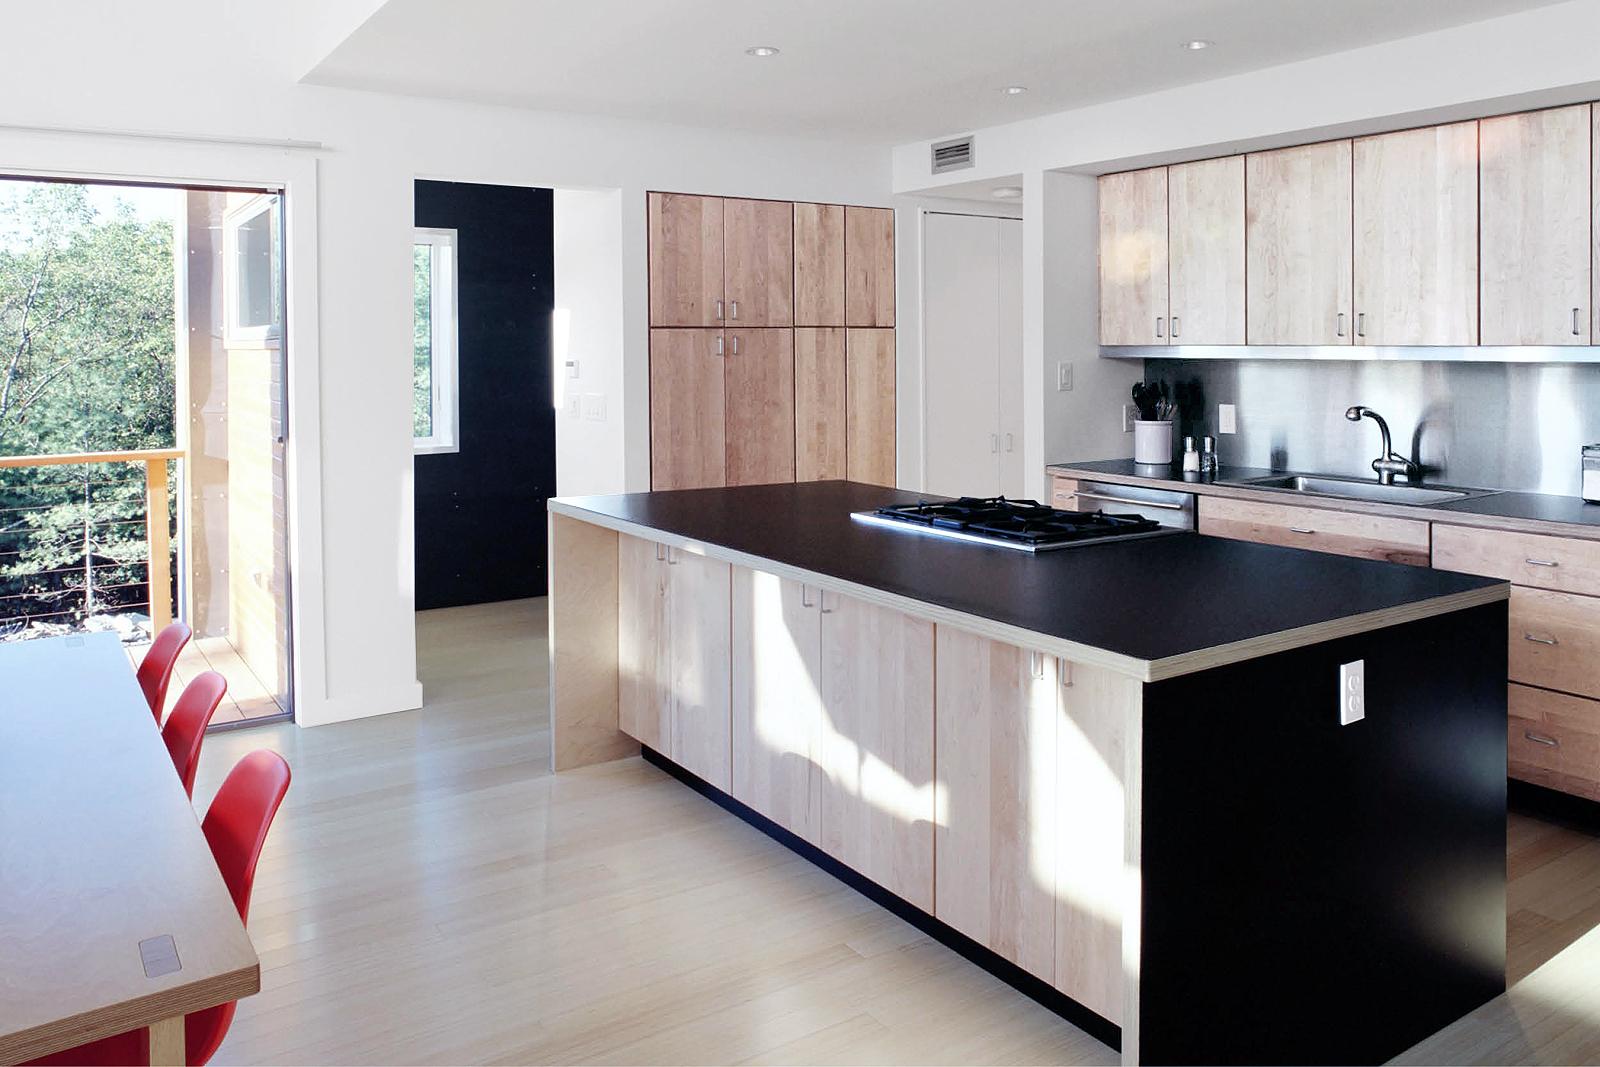 06-res4-resolution-4-architecture-modern-modular-home-prefab-house-mountain-retreat-interior-kitchen.jpg